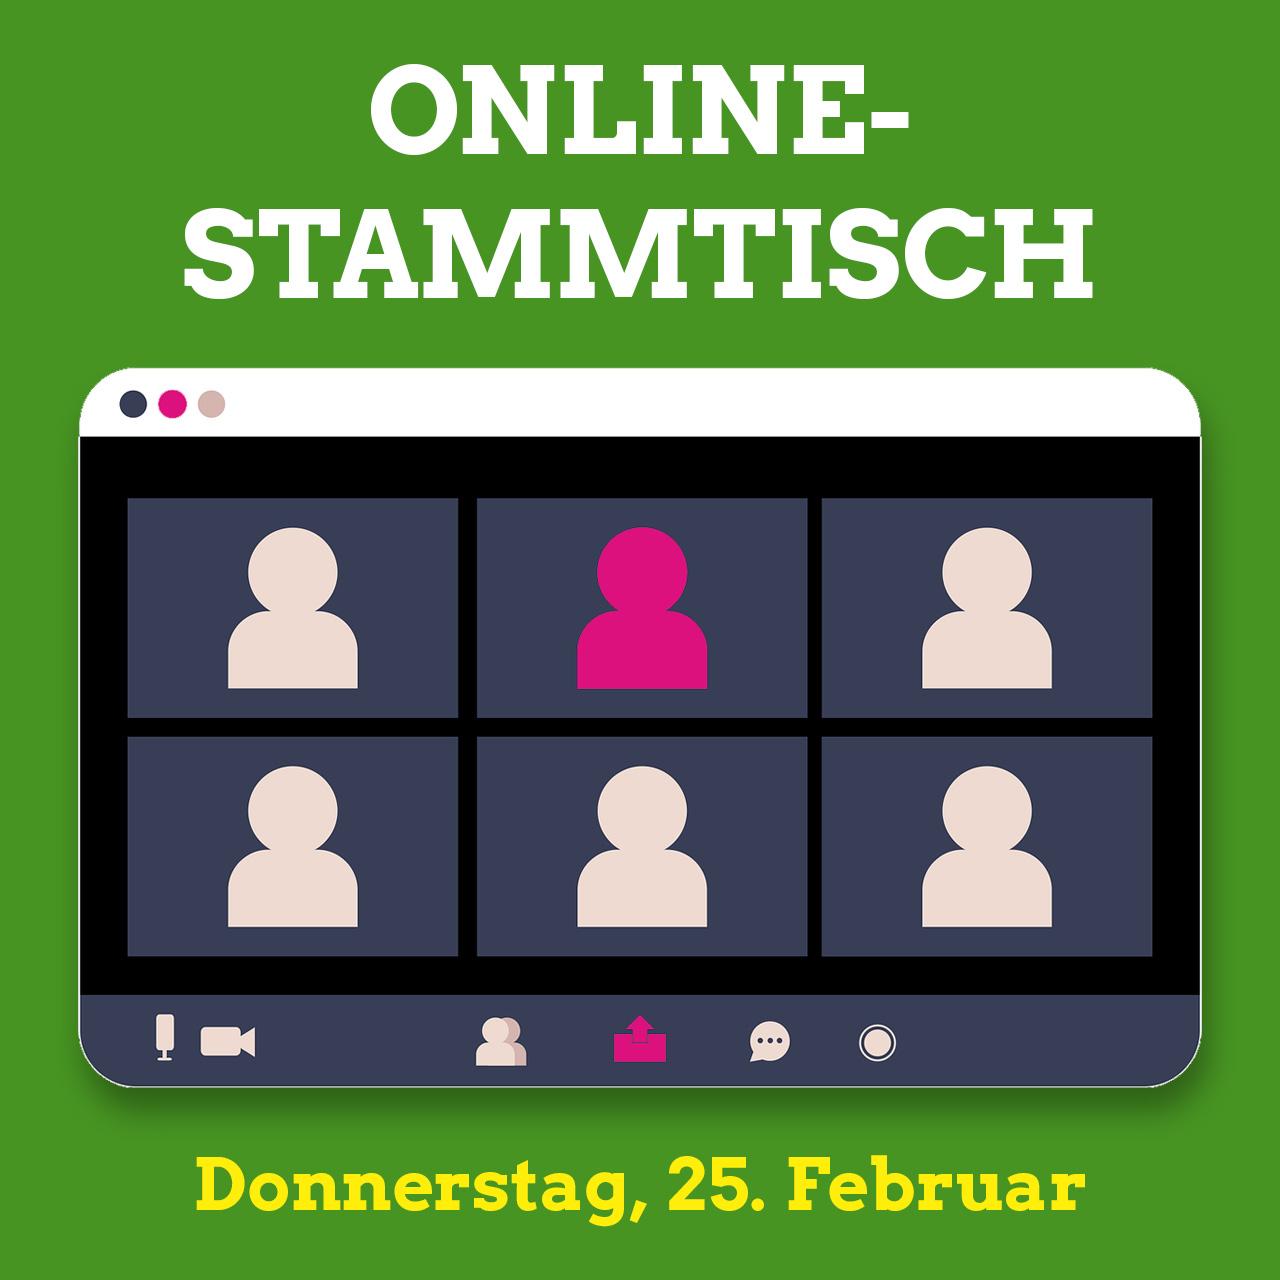 Online-Stammtisch im Februar